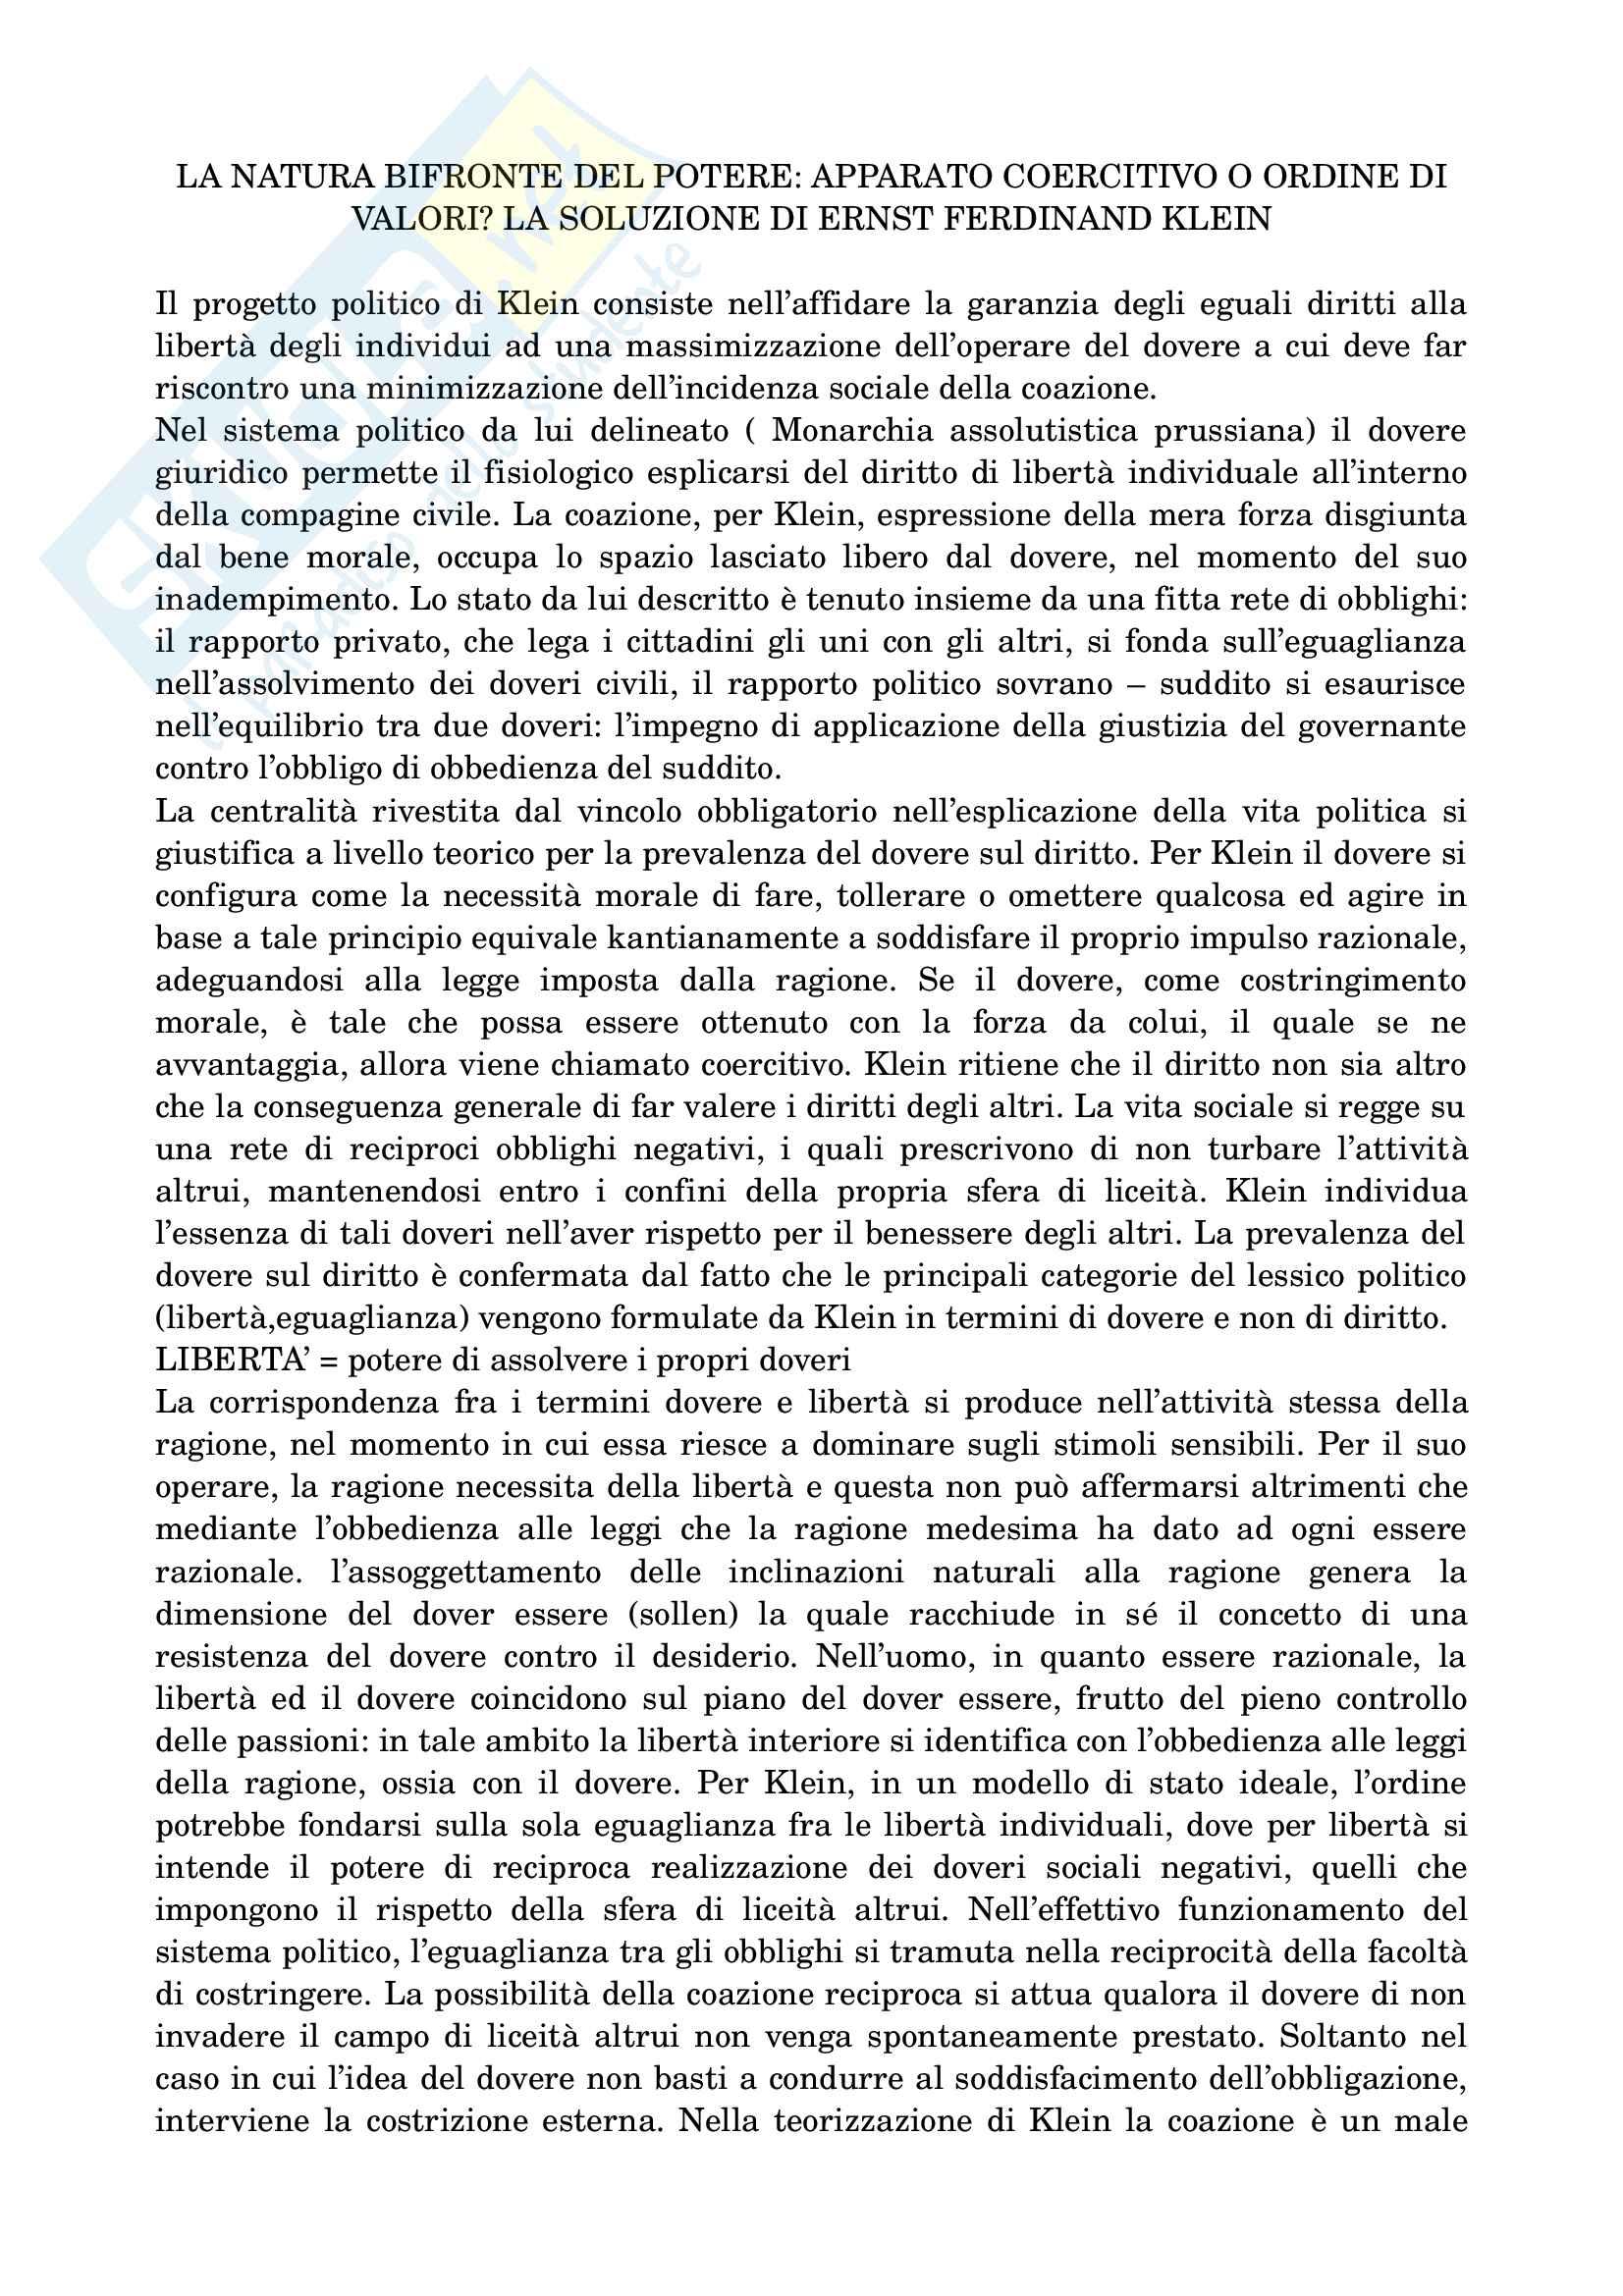 Riassunto esame di filosofia politica prof.ssa Vanda Fiorillo, libro consigliato ''Autolimitazione razionale e desiderio. Il dovere nei progetti di riorganizzazione politica dell'illuminismo tedesco''